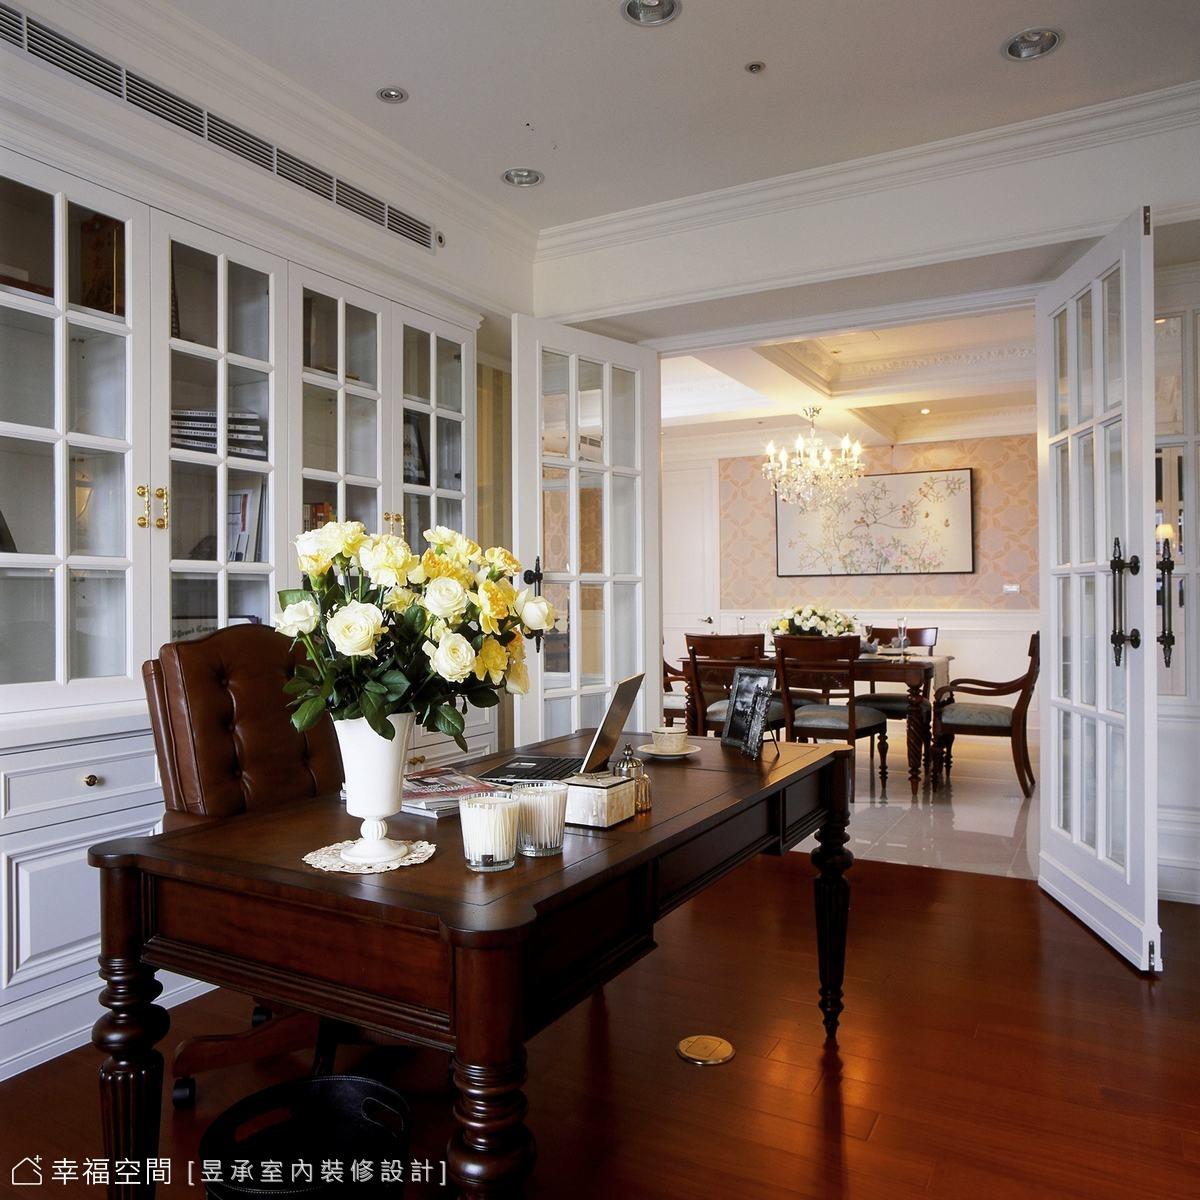 同樣的乾淨基底表現,書房內設計師洪華山細心以桶深變化,作出了機能性收納運用。